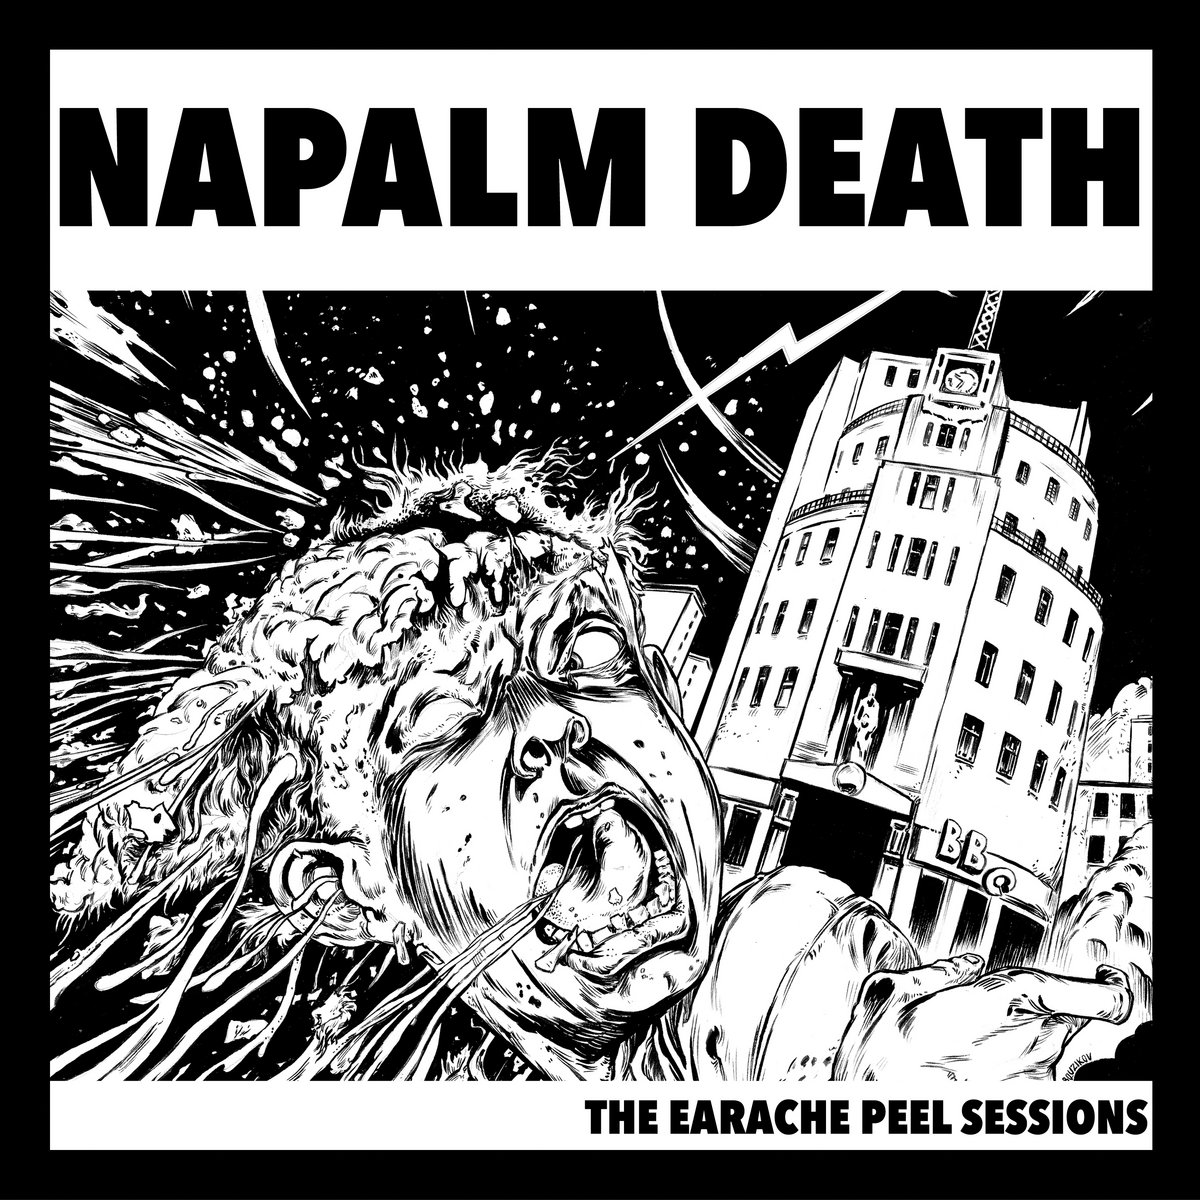 Скачать бесплатно napalm death mp3